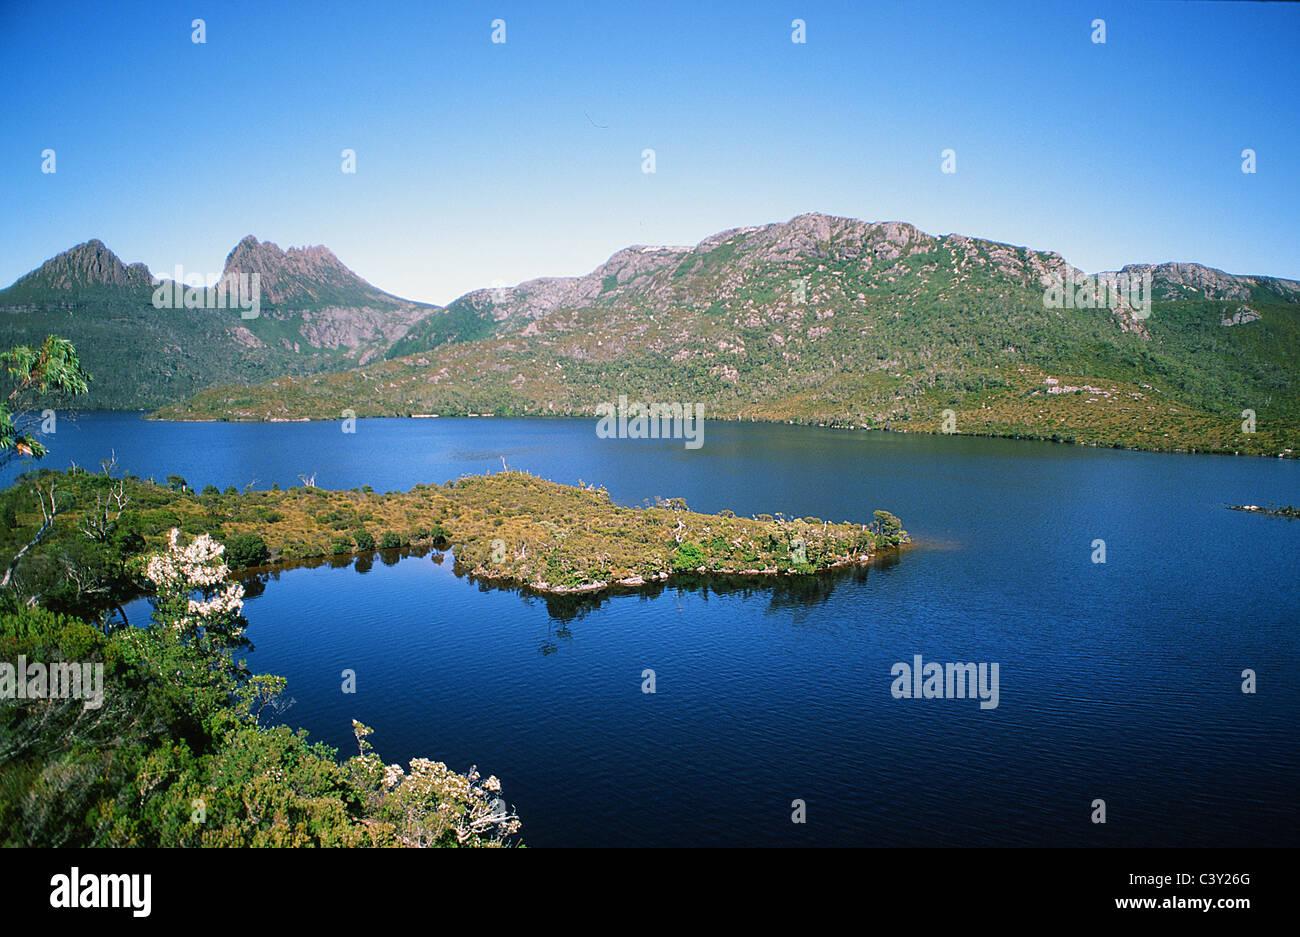 Cradle Mountain National Park with Dove Lake in autumn, Tasmania, Australia - Stock Image